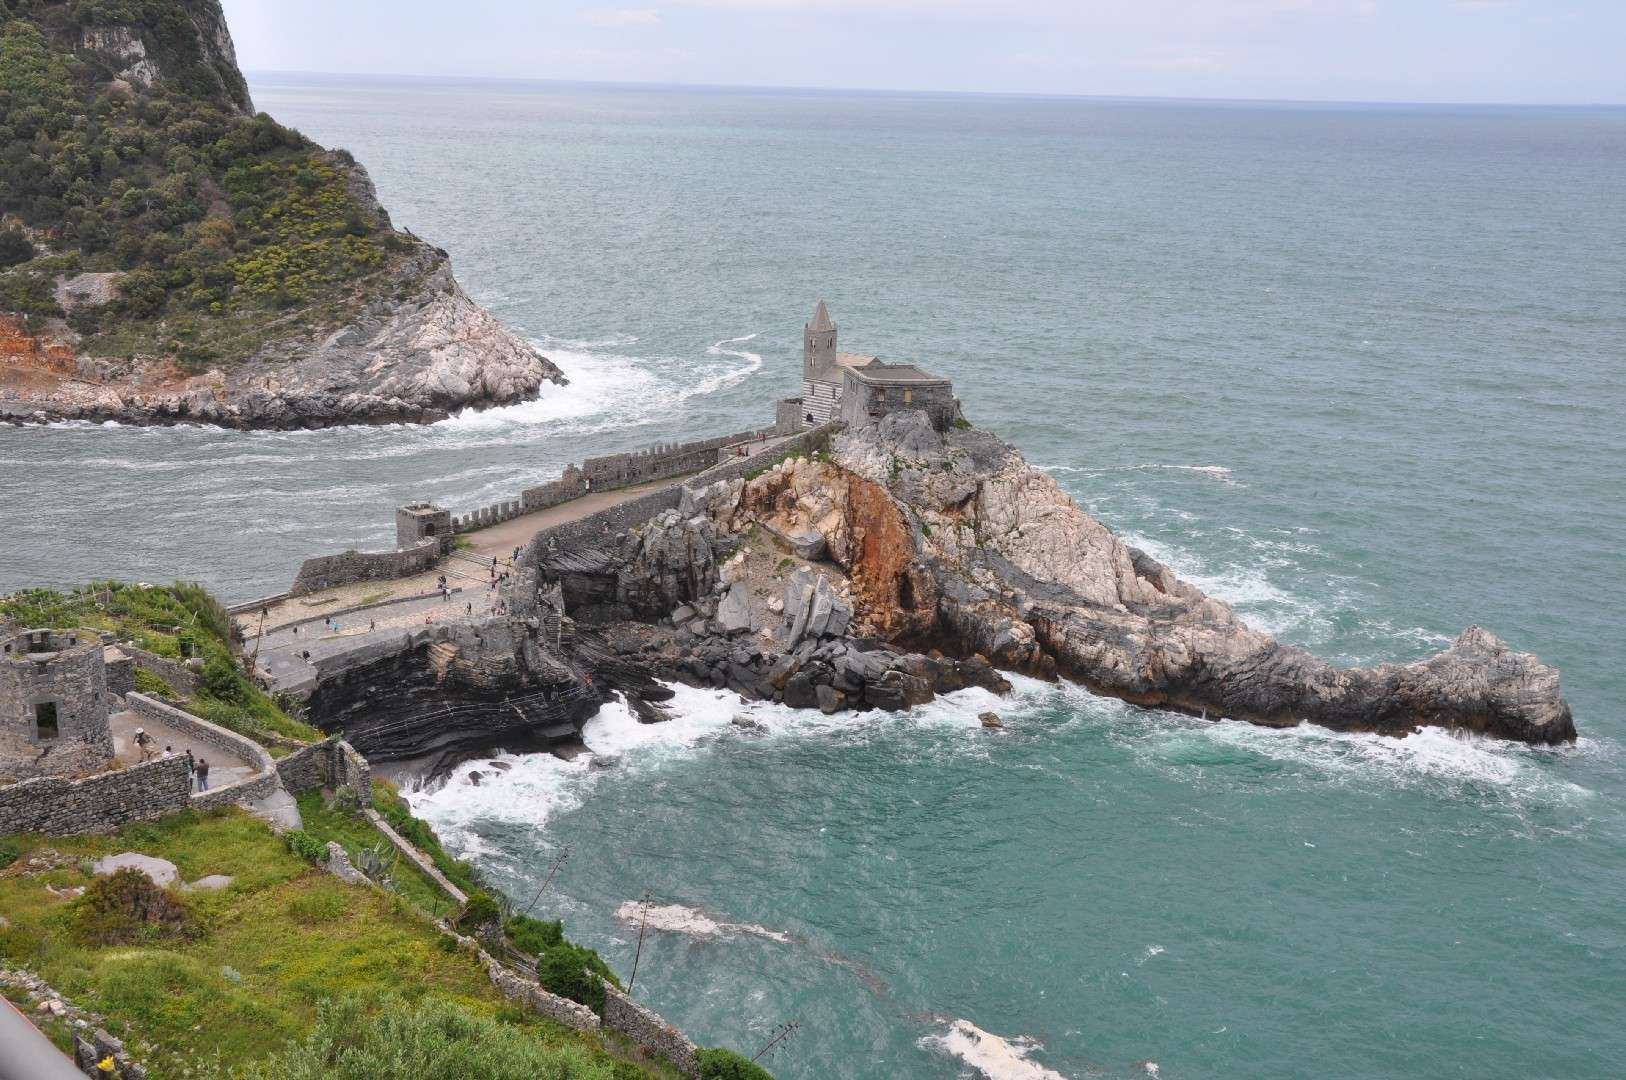 Parc naturel régional de Portovenere, Cinque Terre - Italie Dsc_2511